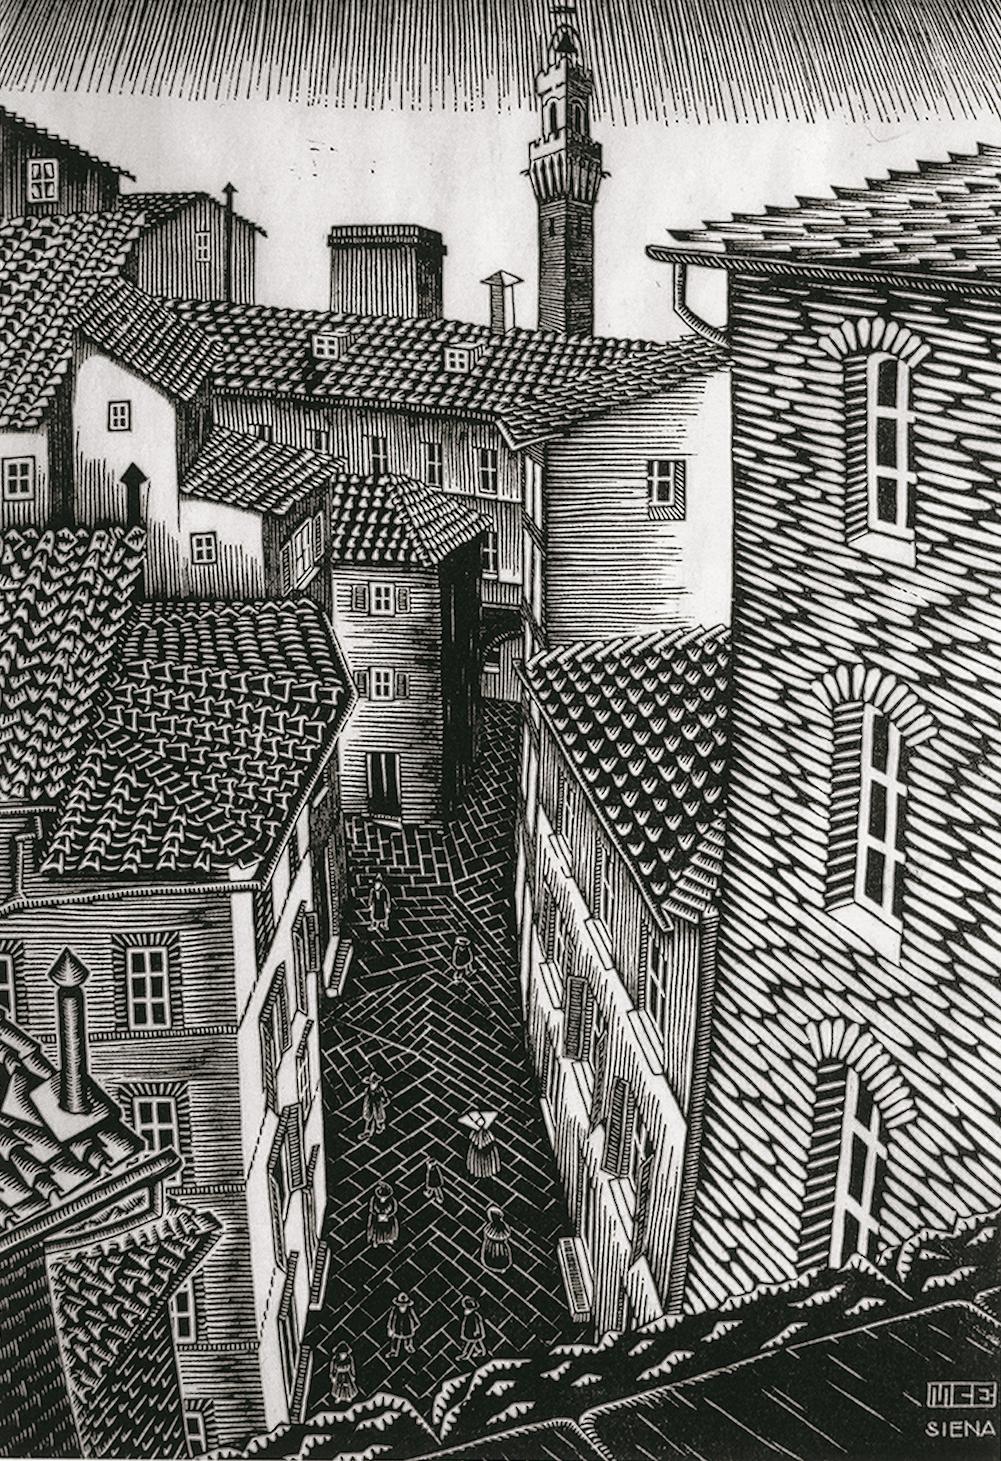 Maurits Cornelis Escher (Tetti di) Siena 1922 xilografia 323 x 219 mm Collezione Federico Giudiceandrea All M.C. Escher works © 2014 The M.C. Escher Company. All rights reserved www.mcescher.com